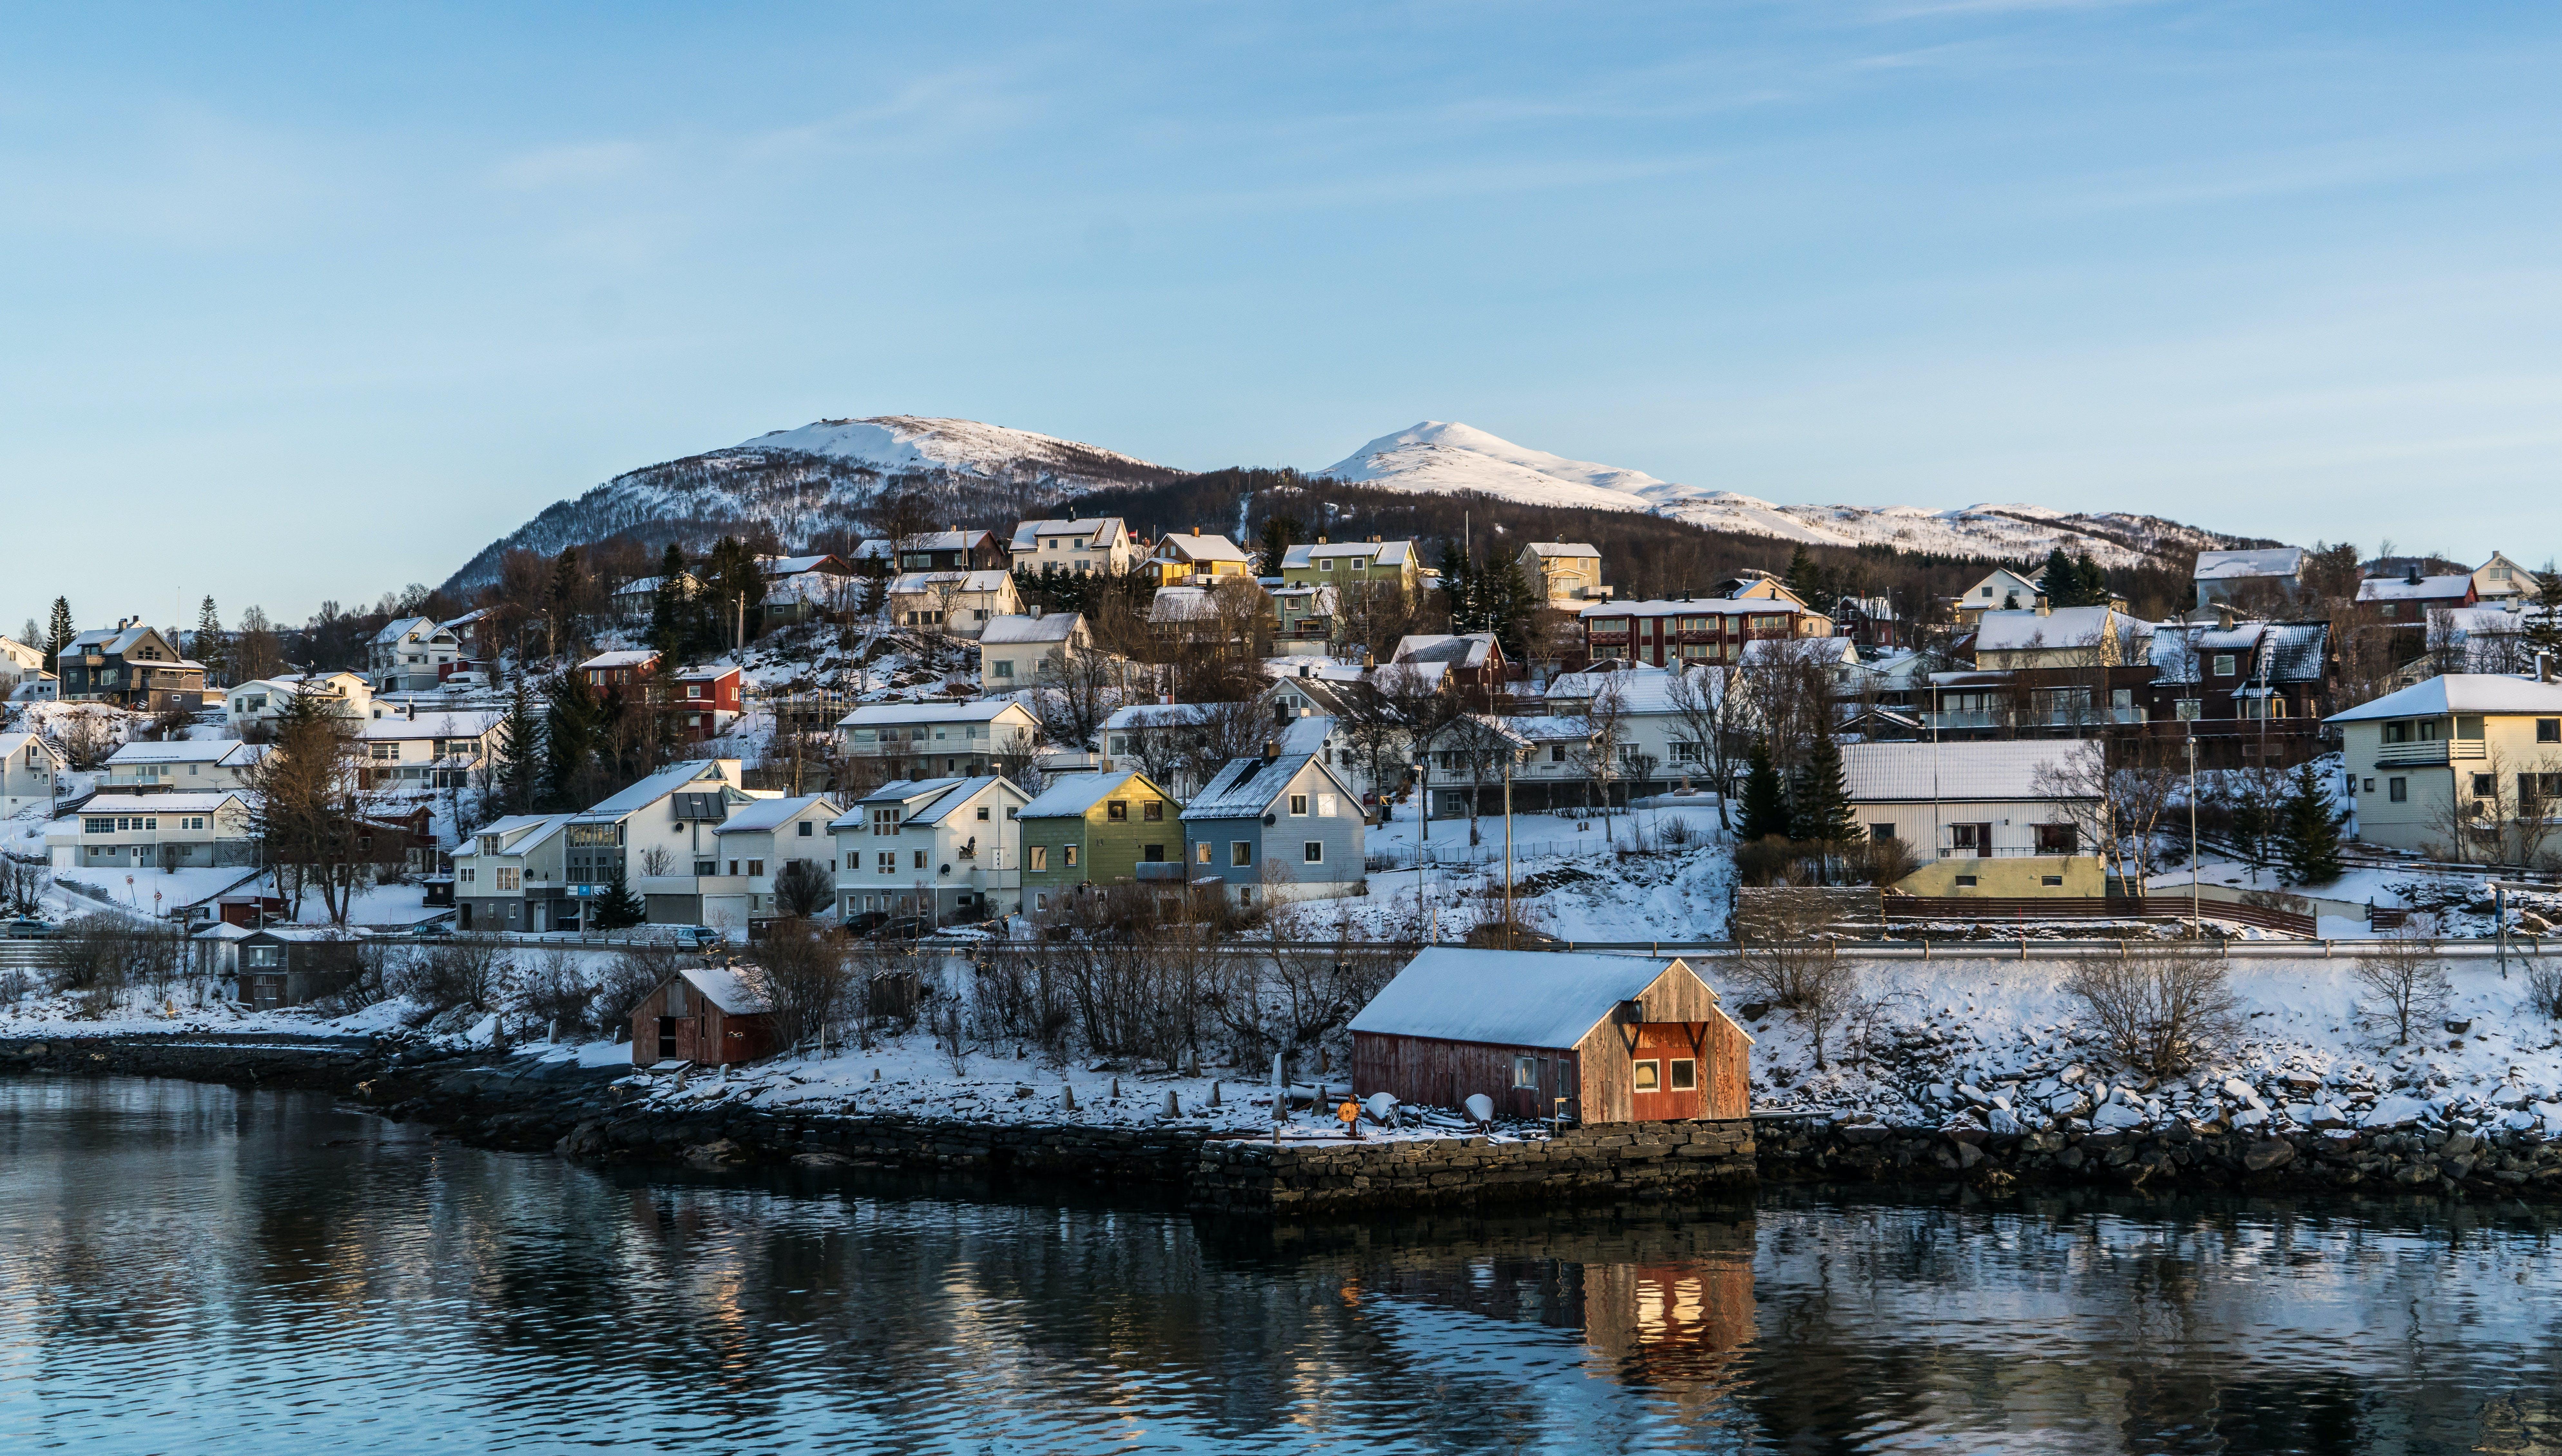 ウォーターフロント, スカンジナビア, タウン, ノルウェーの無料の写真素材